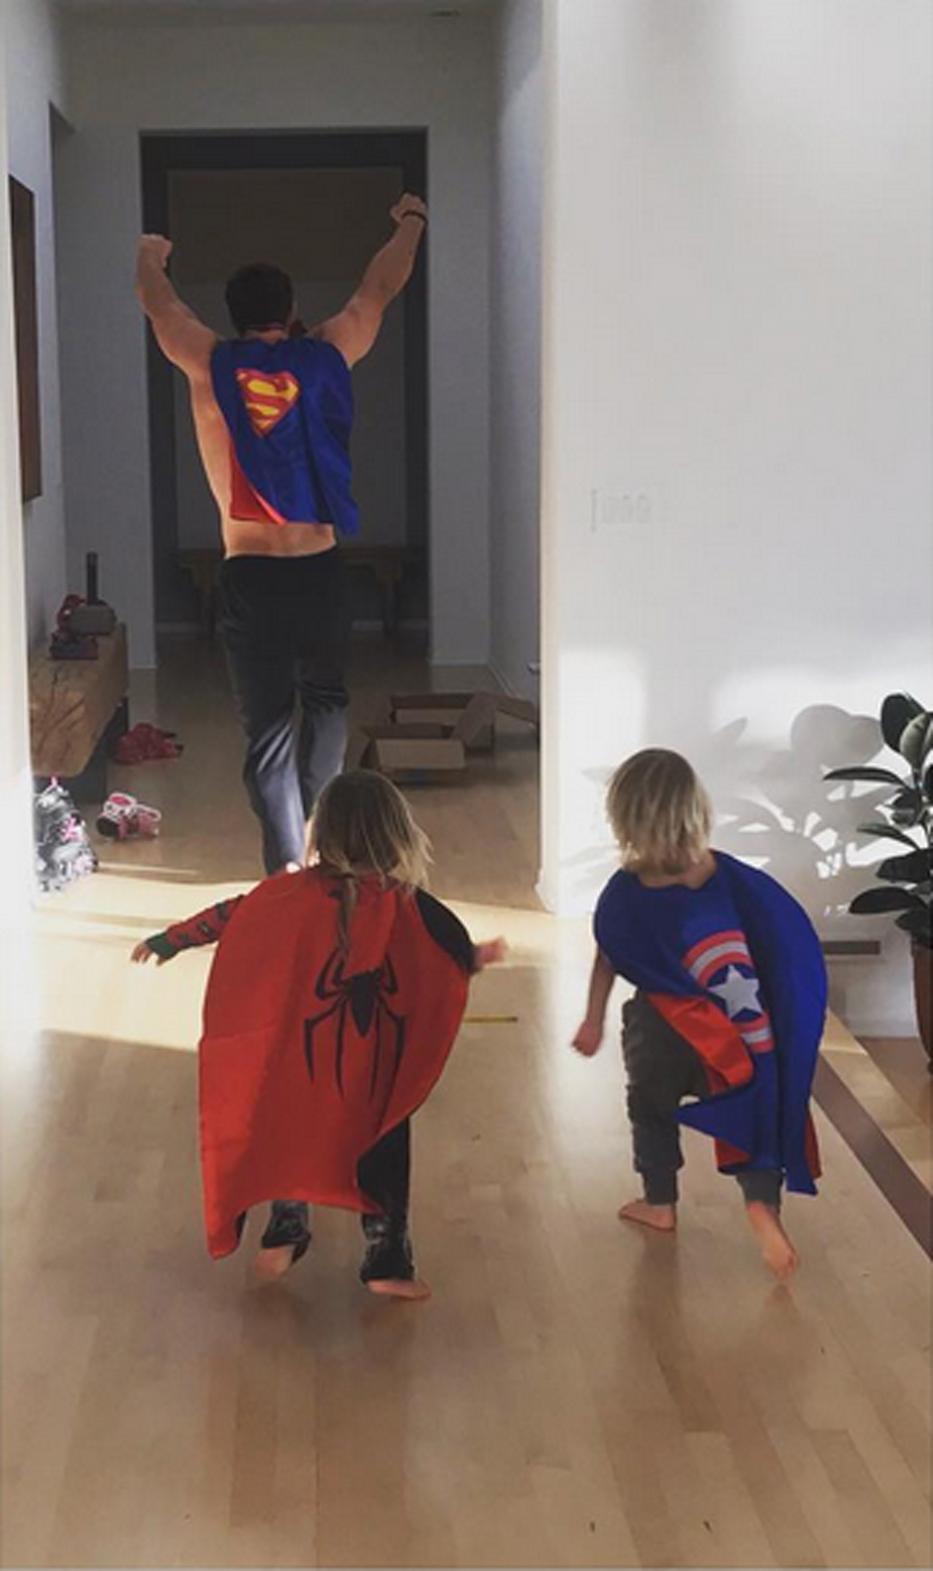 Thái cực đối lập của 2 thánh cơ bắp Hollywood khi chăm con: The Rock hóa bánh bèo, Thor lại cục súc dốc ngược cả con - Ảnh 7.